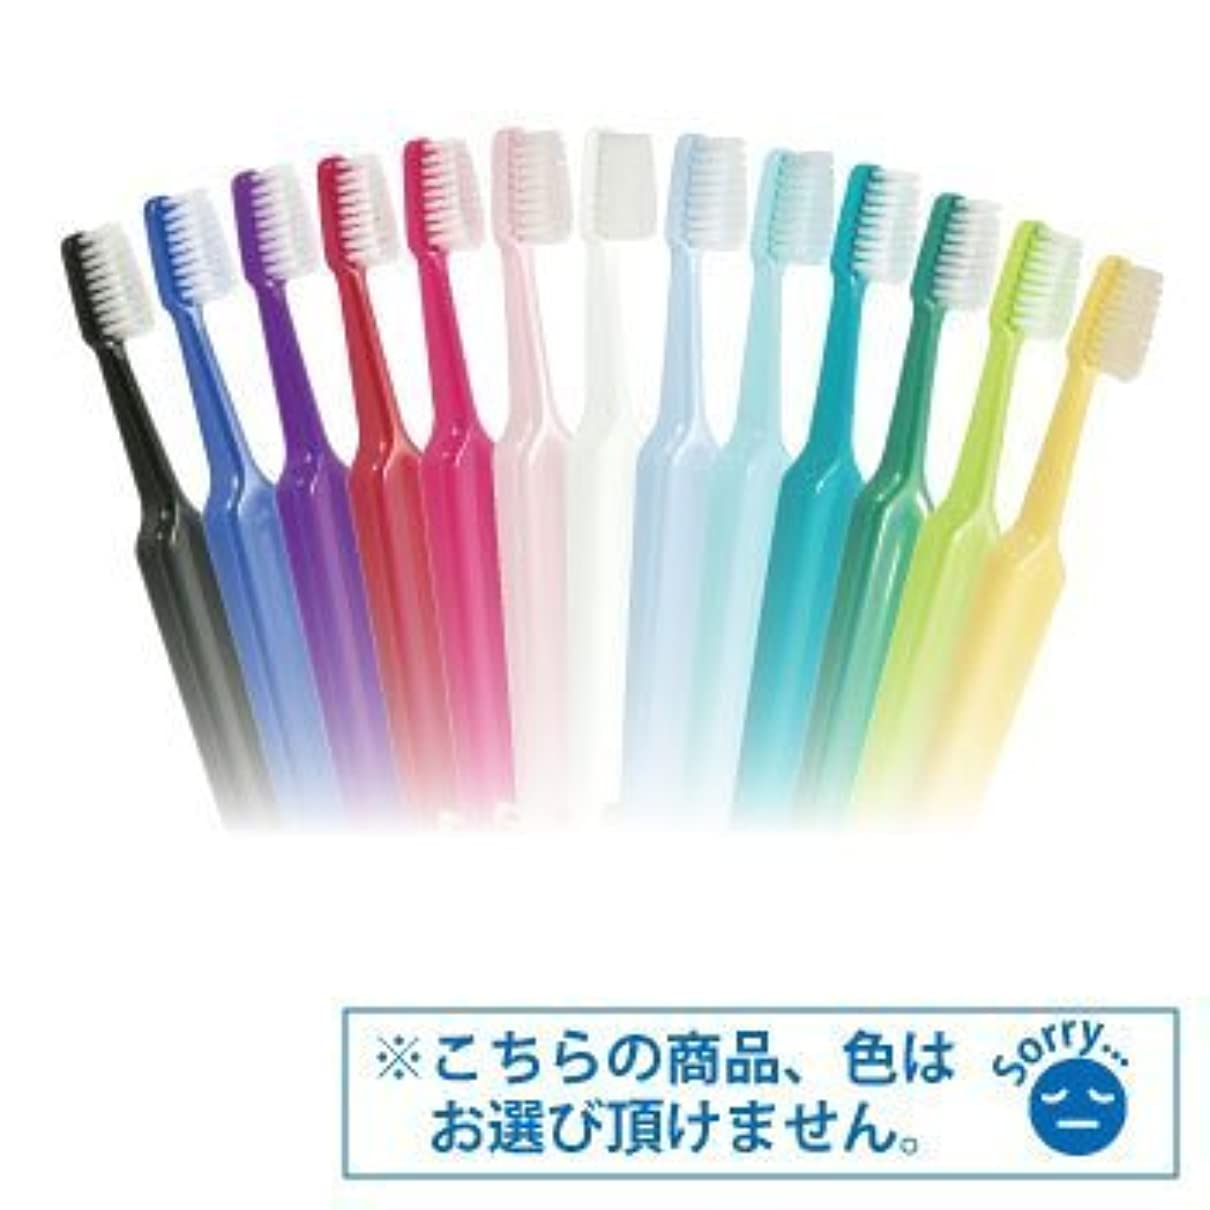 Tepe歯ブラシ セレクトコンパクト /ソフト 30本入り